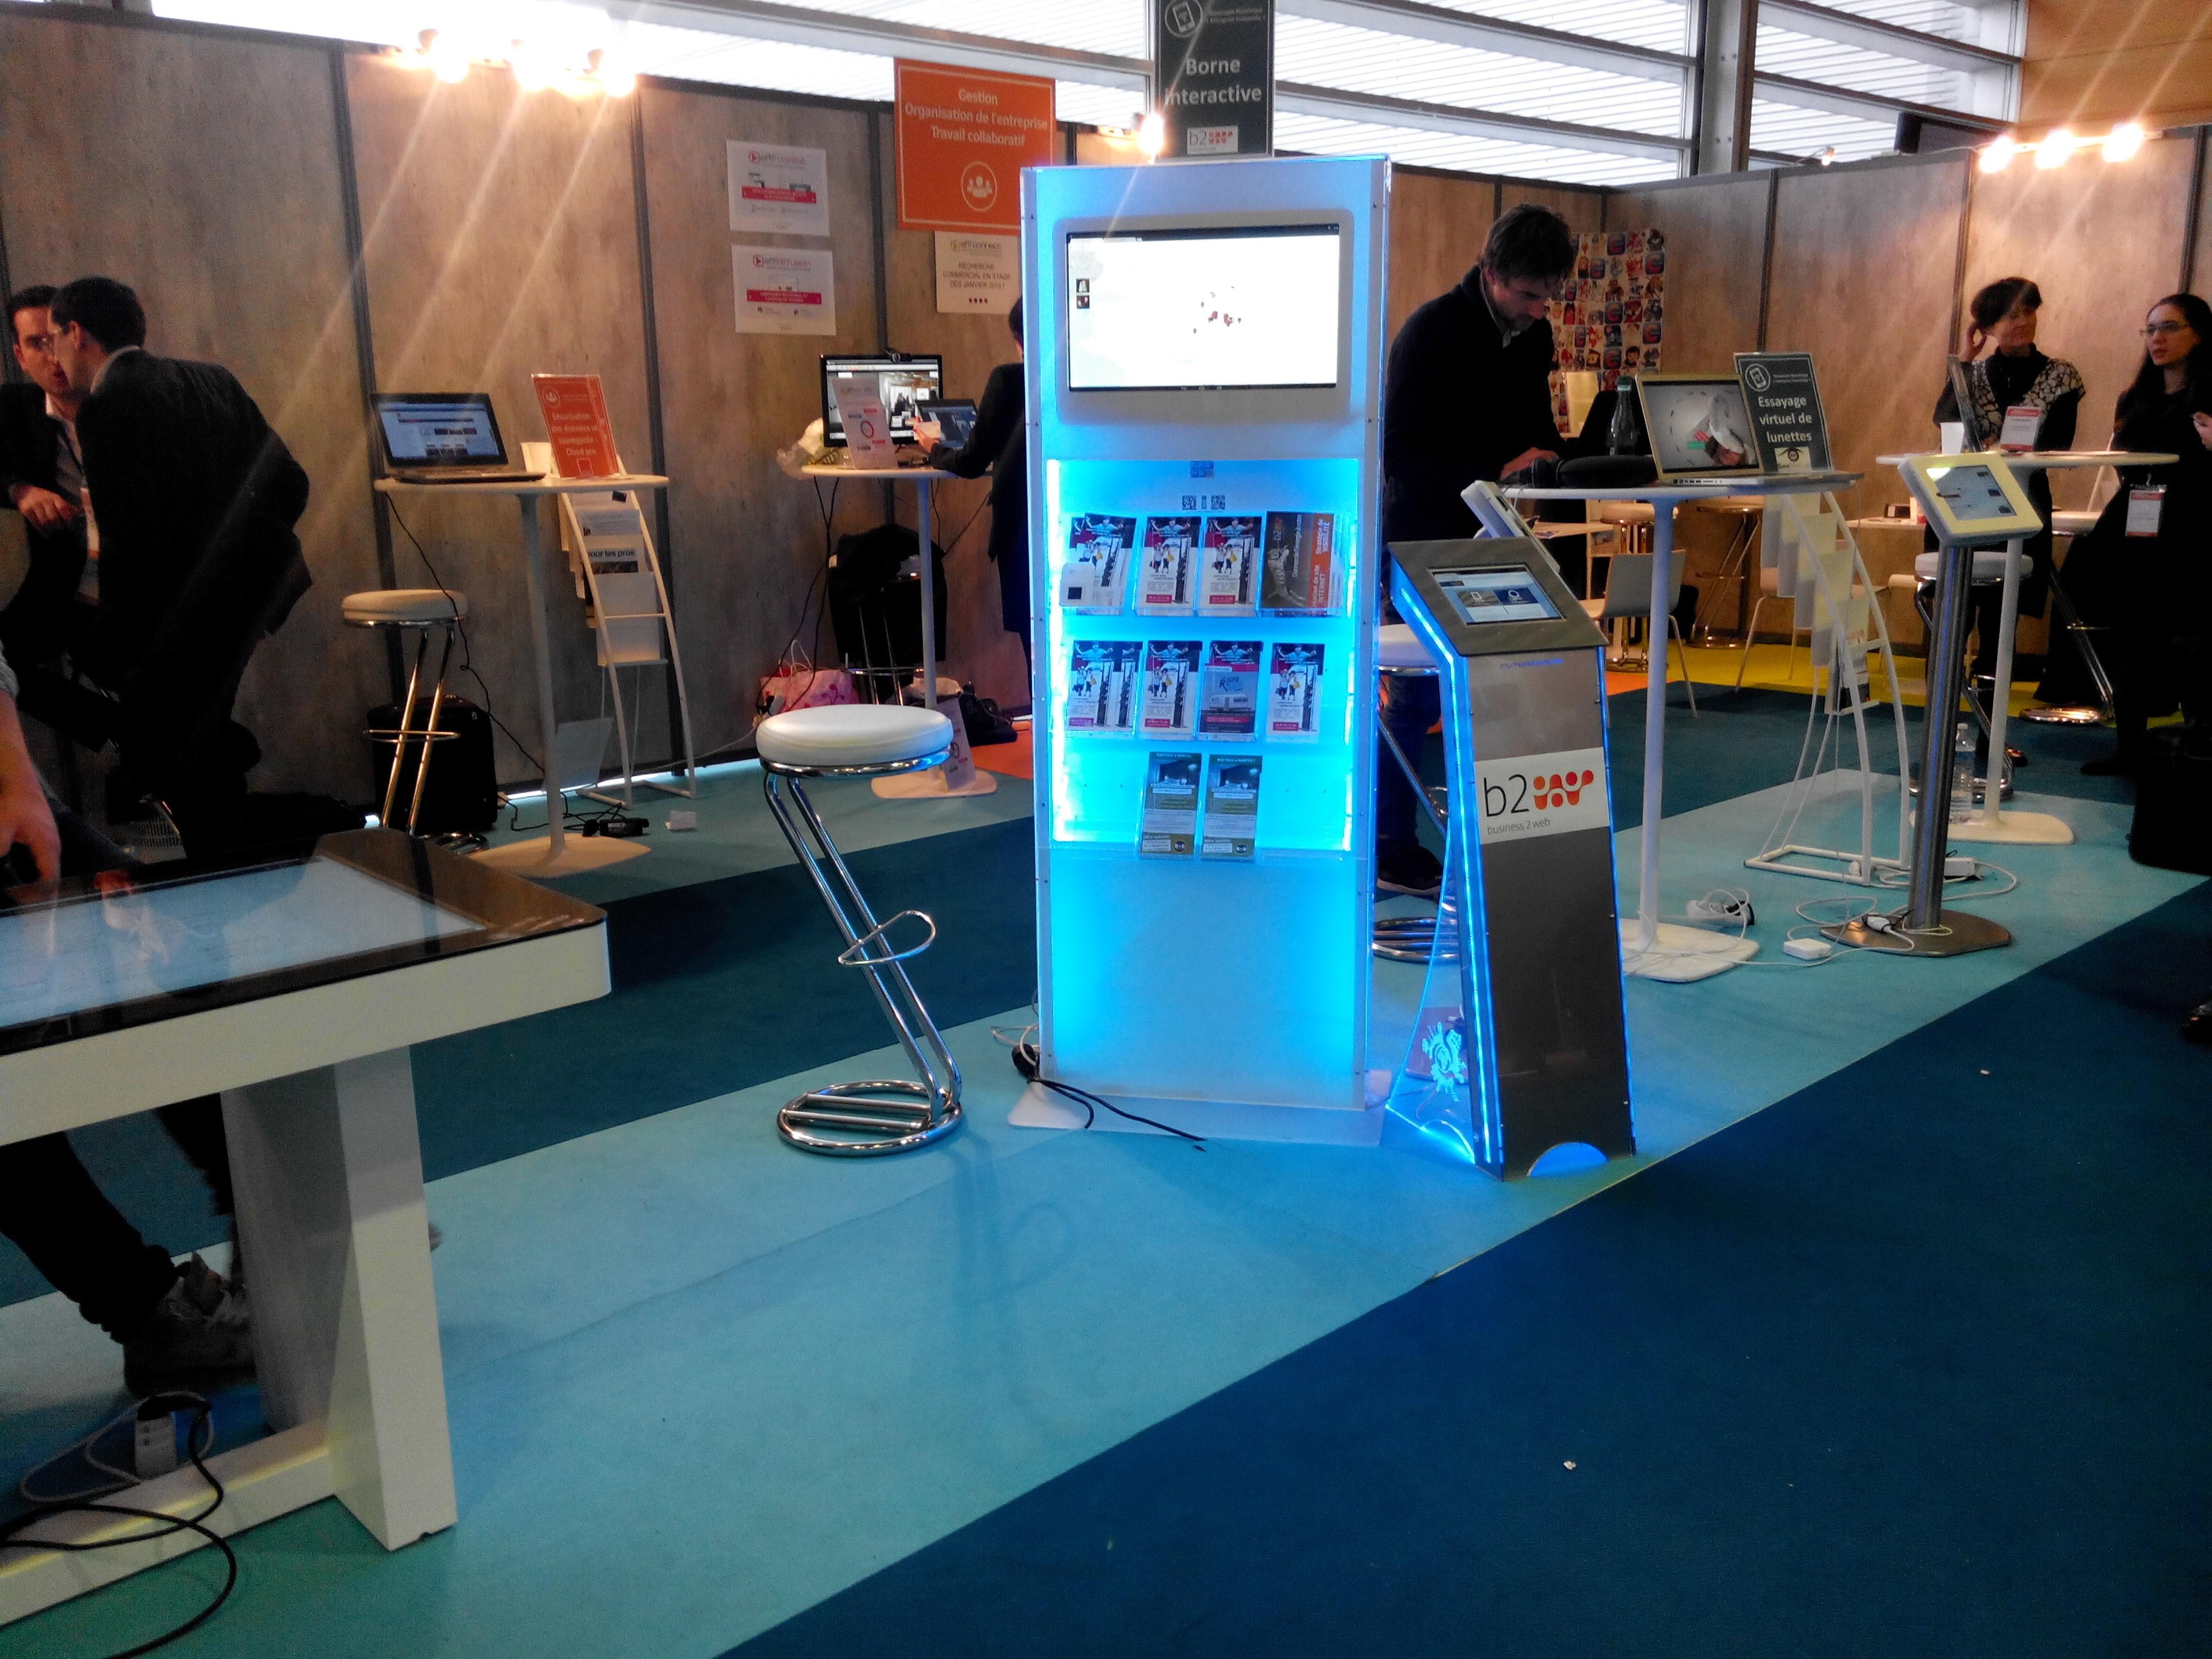 prise de vue du salon des entrepreneurs 2014 à nantes avec au premier plan la borne numérique infos-tourisme